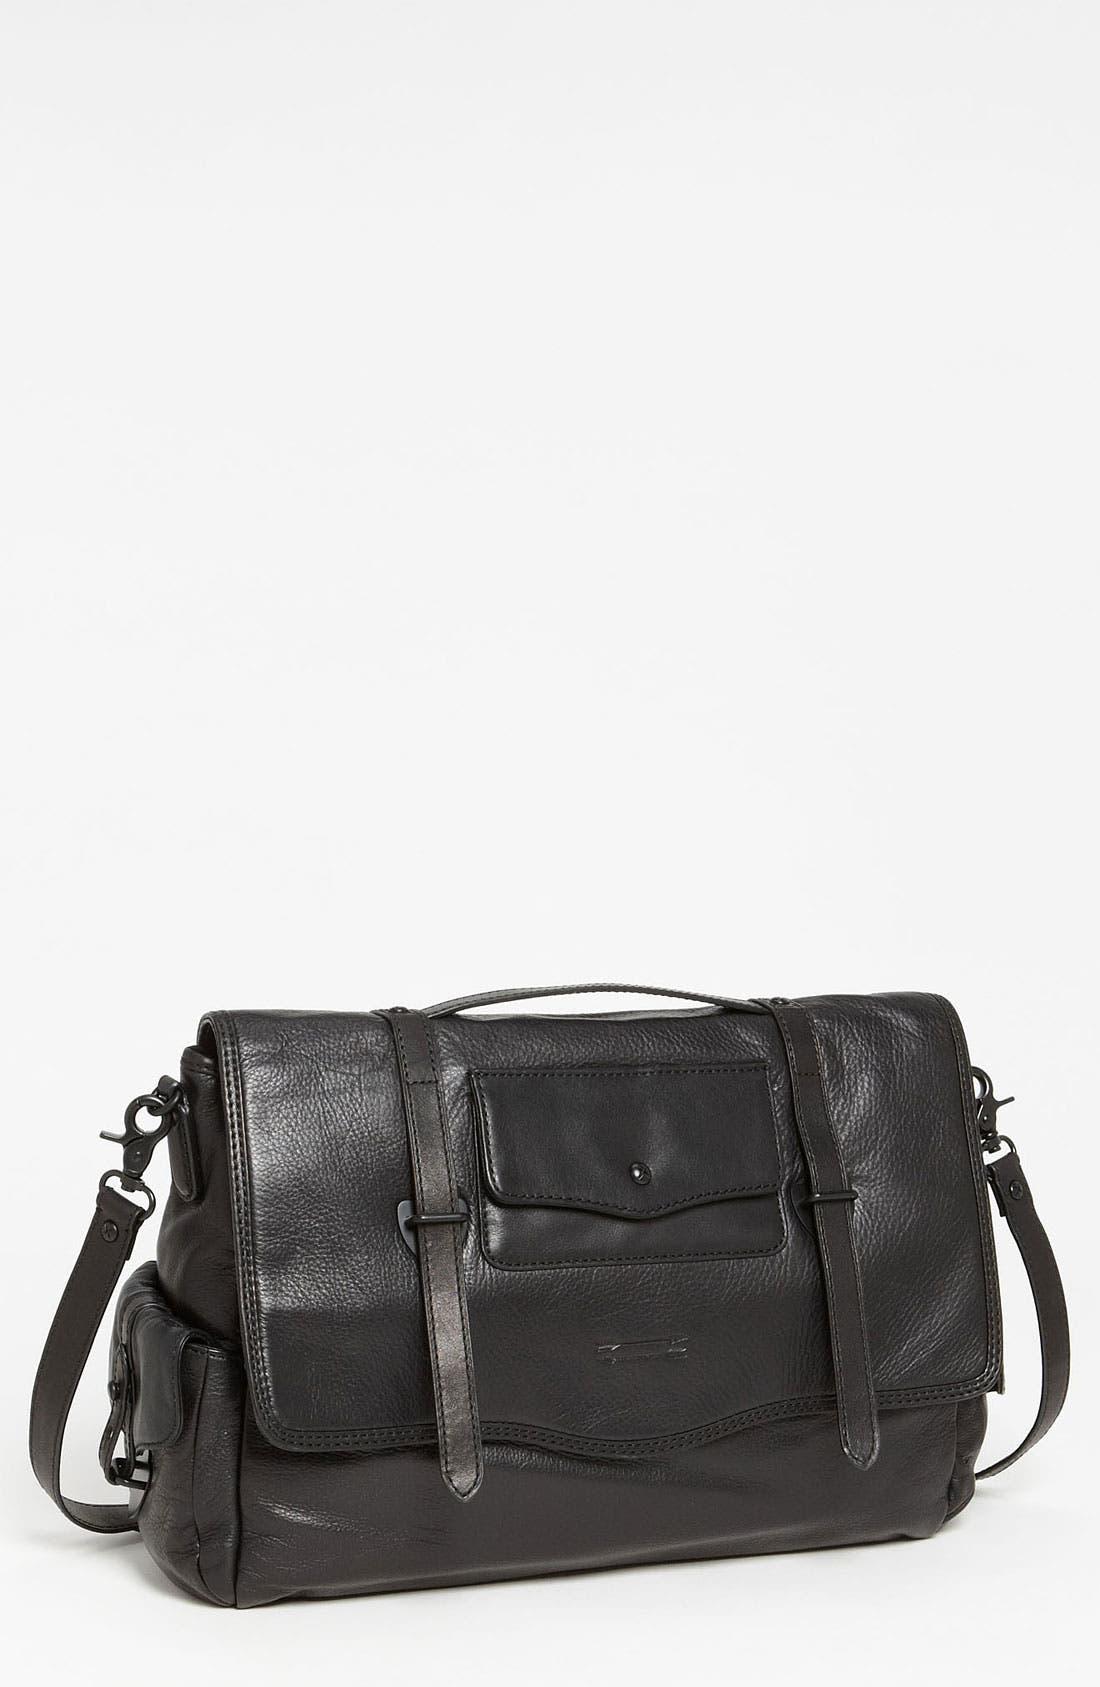 Alternate Image 1 Selected - Ben Minkoff 'Nikki' Messenger Bag